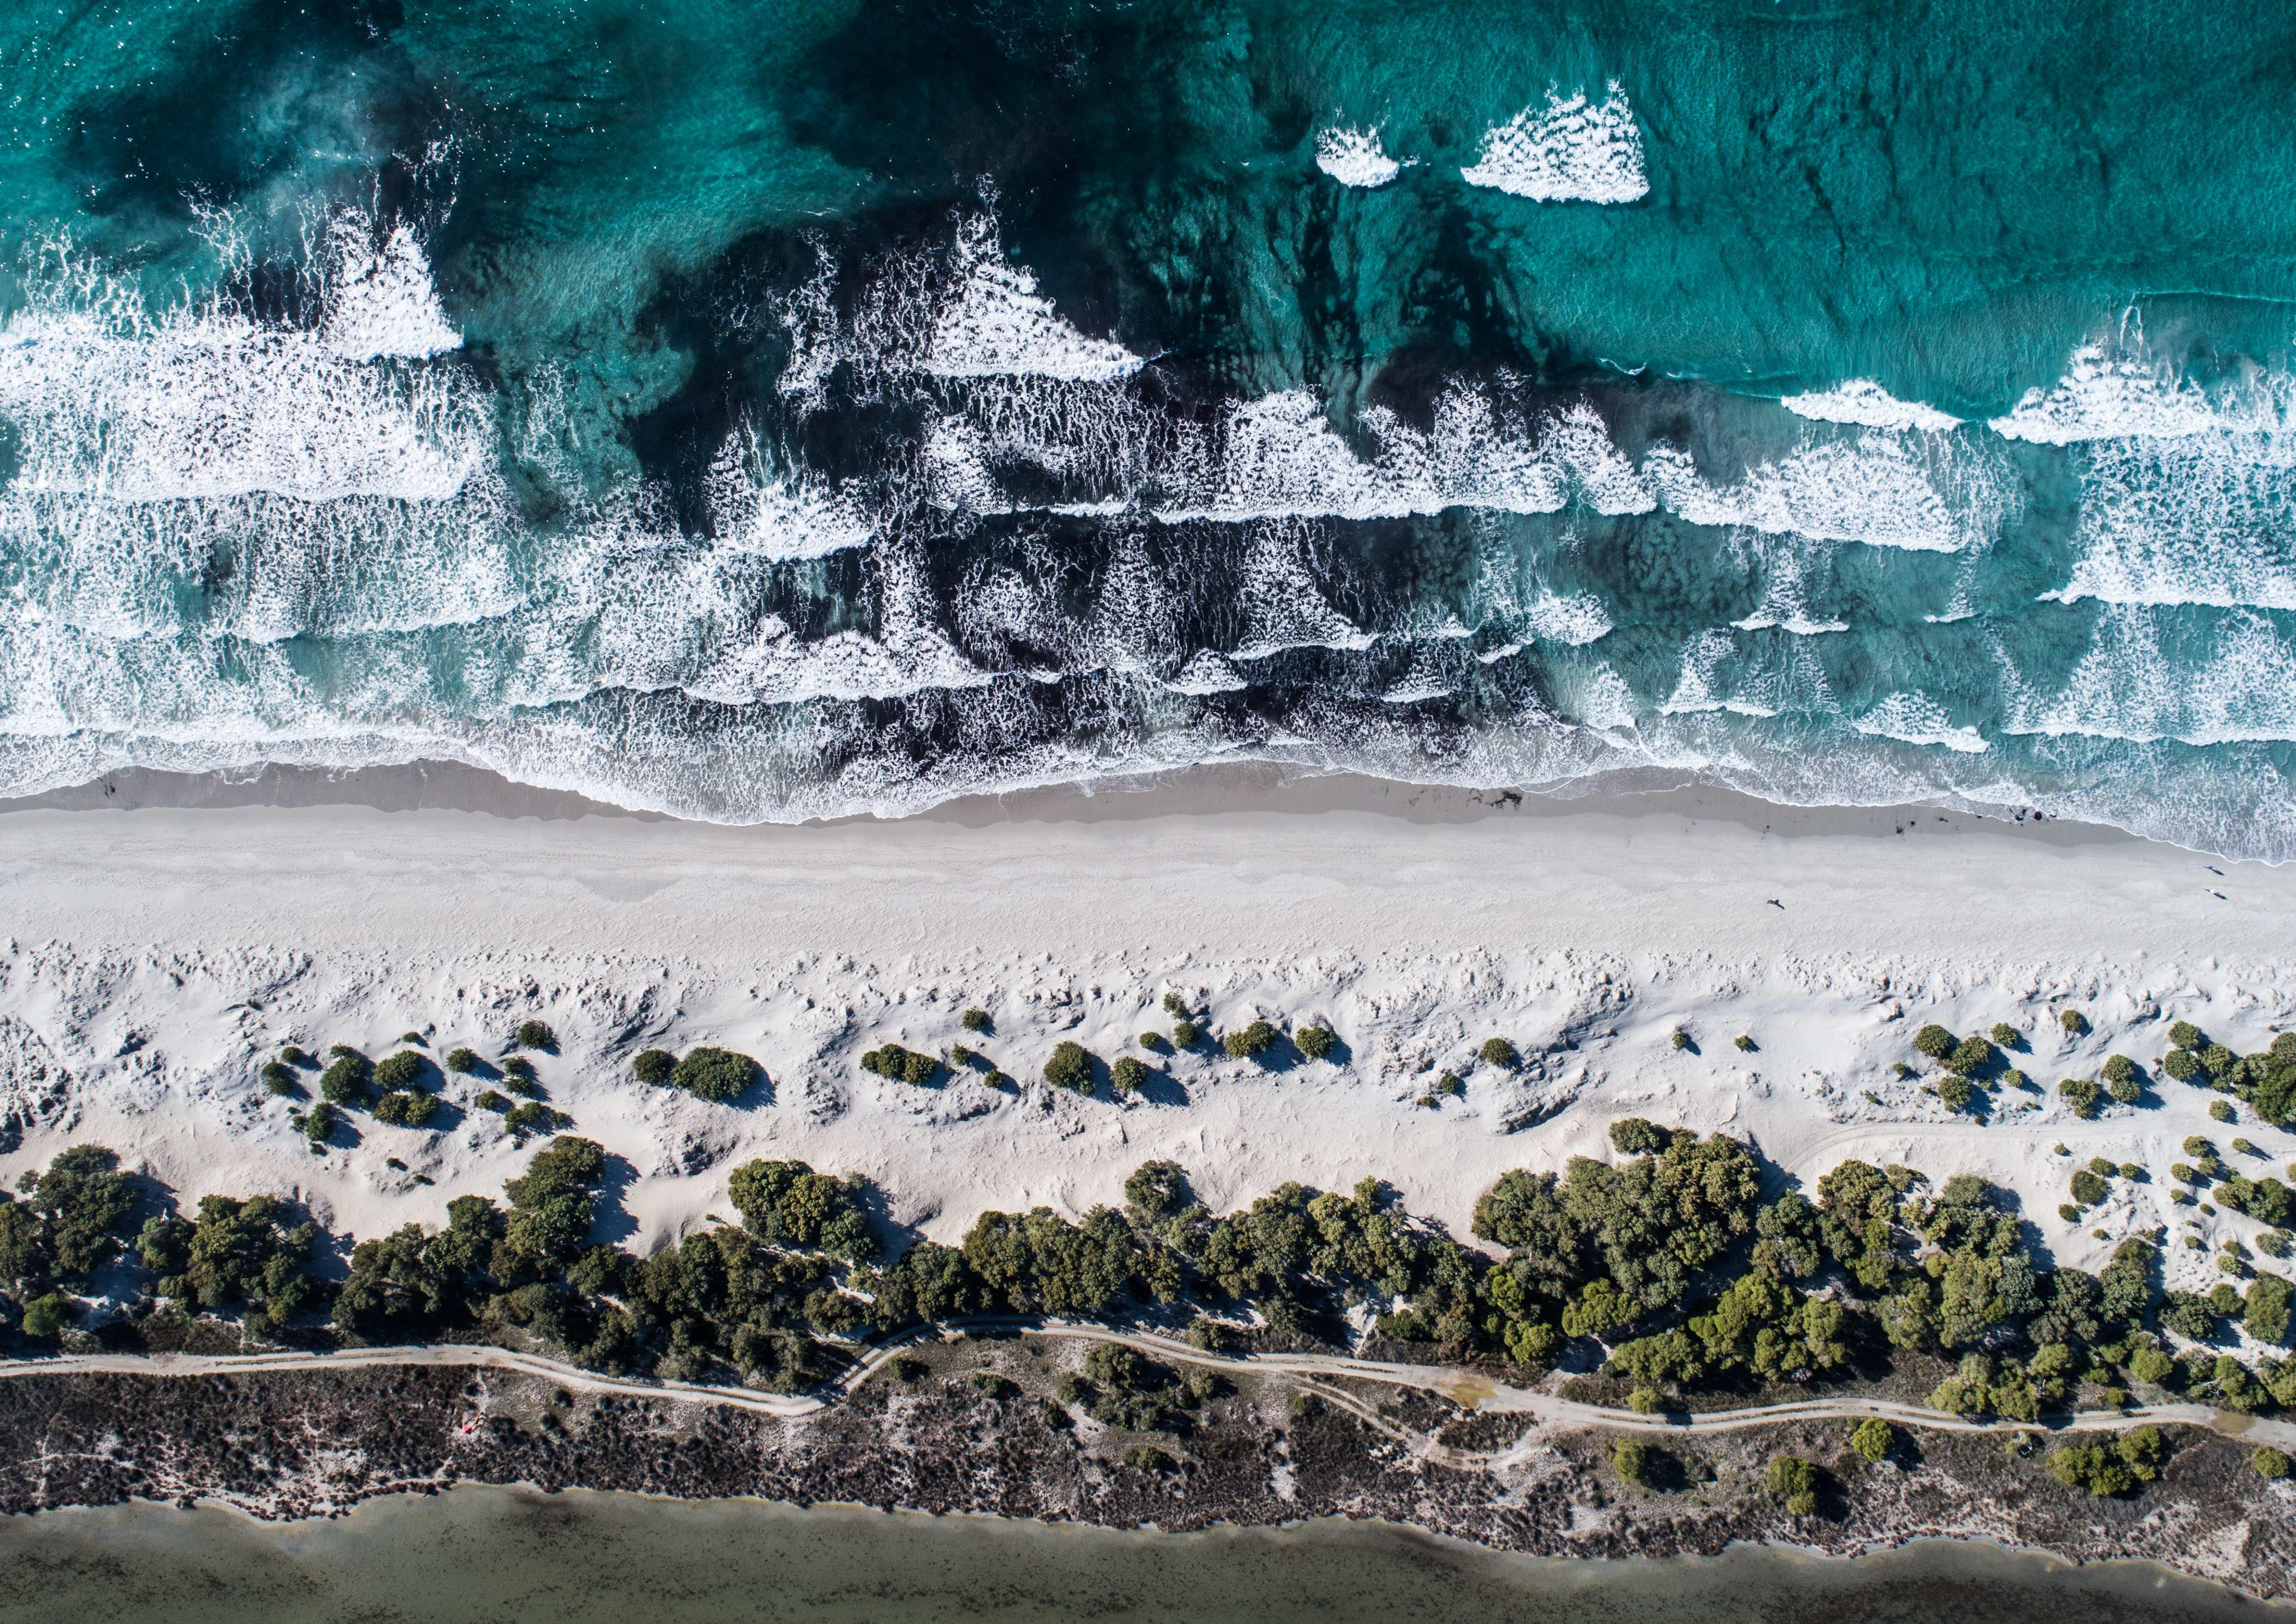 Spiaggia di Porto Pino, lungo la costa sud-occidentale della Sardegna nel Golfo di Palmas